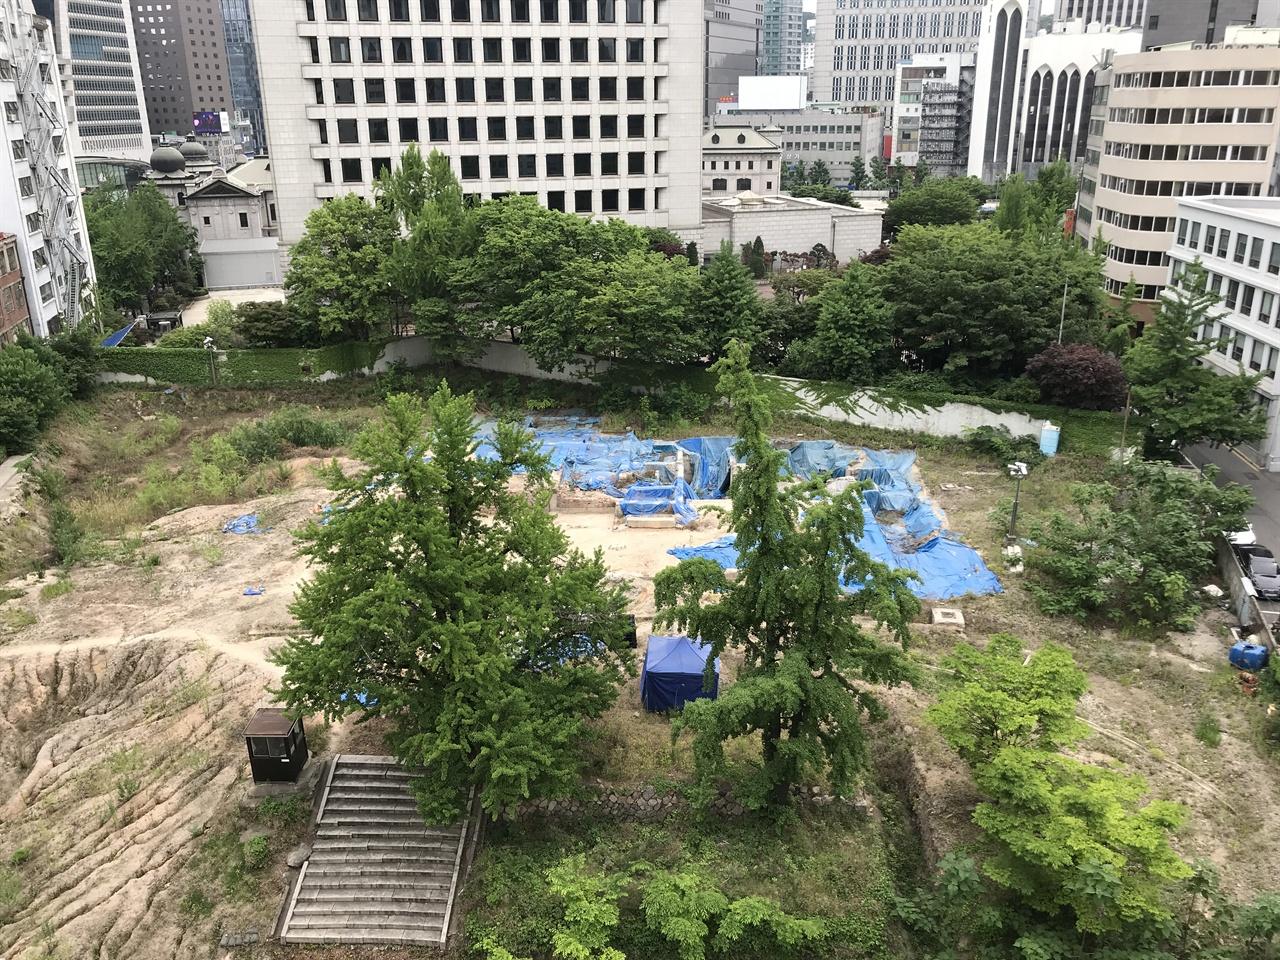 호텔 개발이 추진중인 대관정터 대관정터는 2012년 이 땅을 1721억 원에 인수한 부영건설이 27층 높이 부영호텔 건설을 추진중이다. 호텔 개발이 추진되면서 근대 문화유산인 대관정터가 그대로 사라질 거라는 우려가 커졌지만 서울시와 부영이 오랜 협상을 하면서 주변 근대 빌딩을 보존하는 방향으로 가닥을 잡았다. 막대한 부지 매입 비용 때문에 대관정터를 그대로 보존하면서 대관정을 복원하진 못하지만, 근대 문화유산 복원을 위해 시와 기업이 '협업'한 사례로 평가받고 있다. 대관정터에 남아있는 유구는 호텔 2층에 전시관을 꾸며 보존할 예정이다.